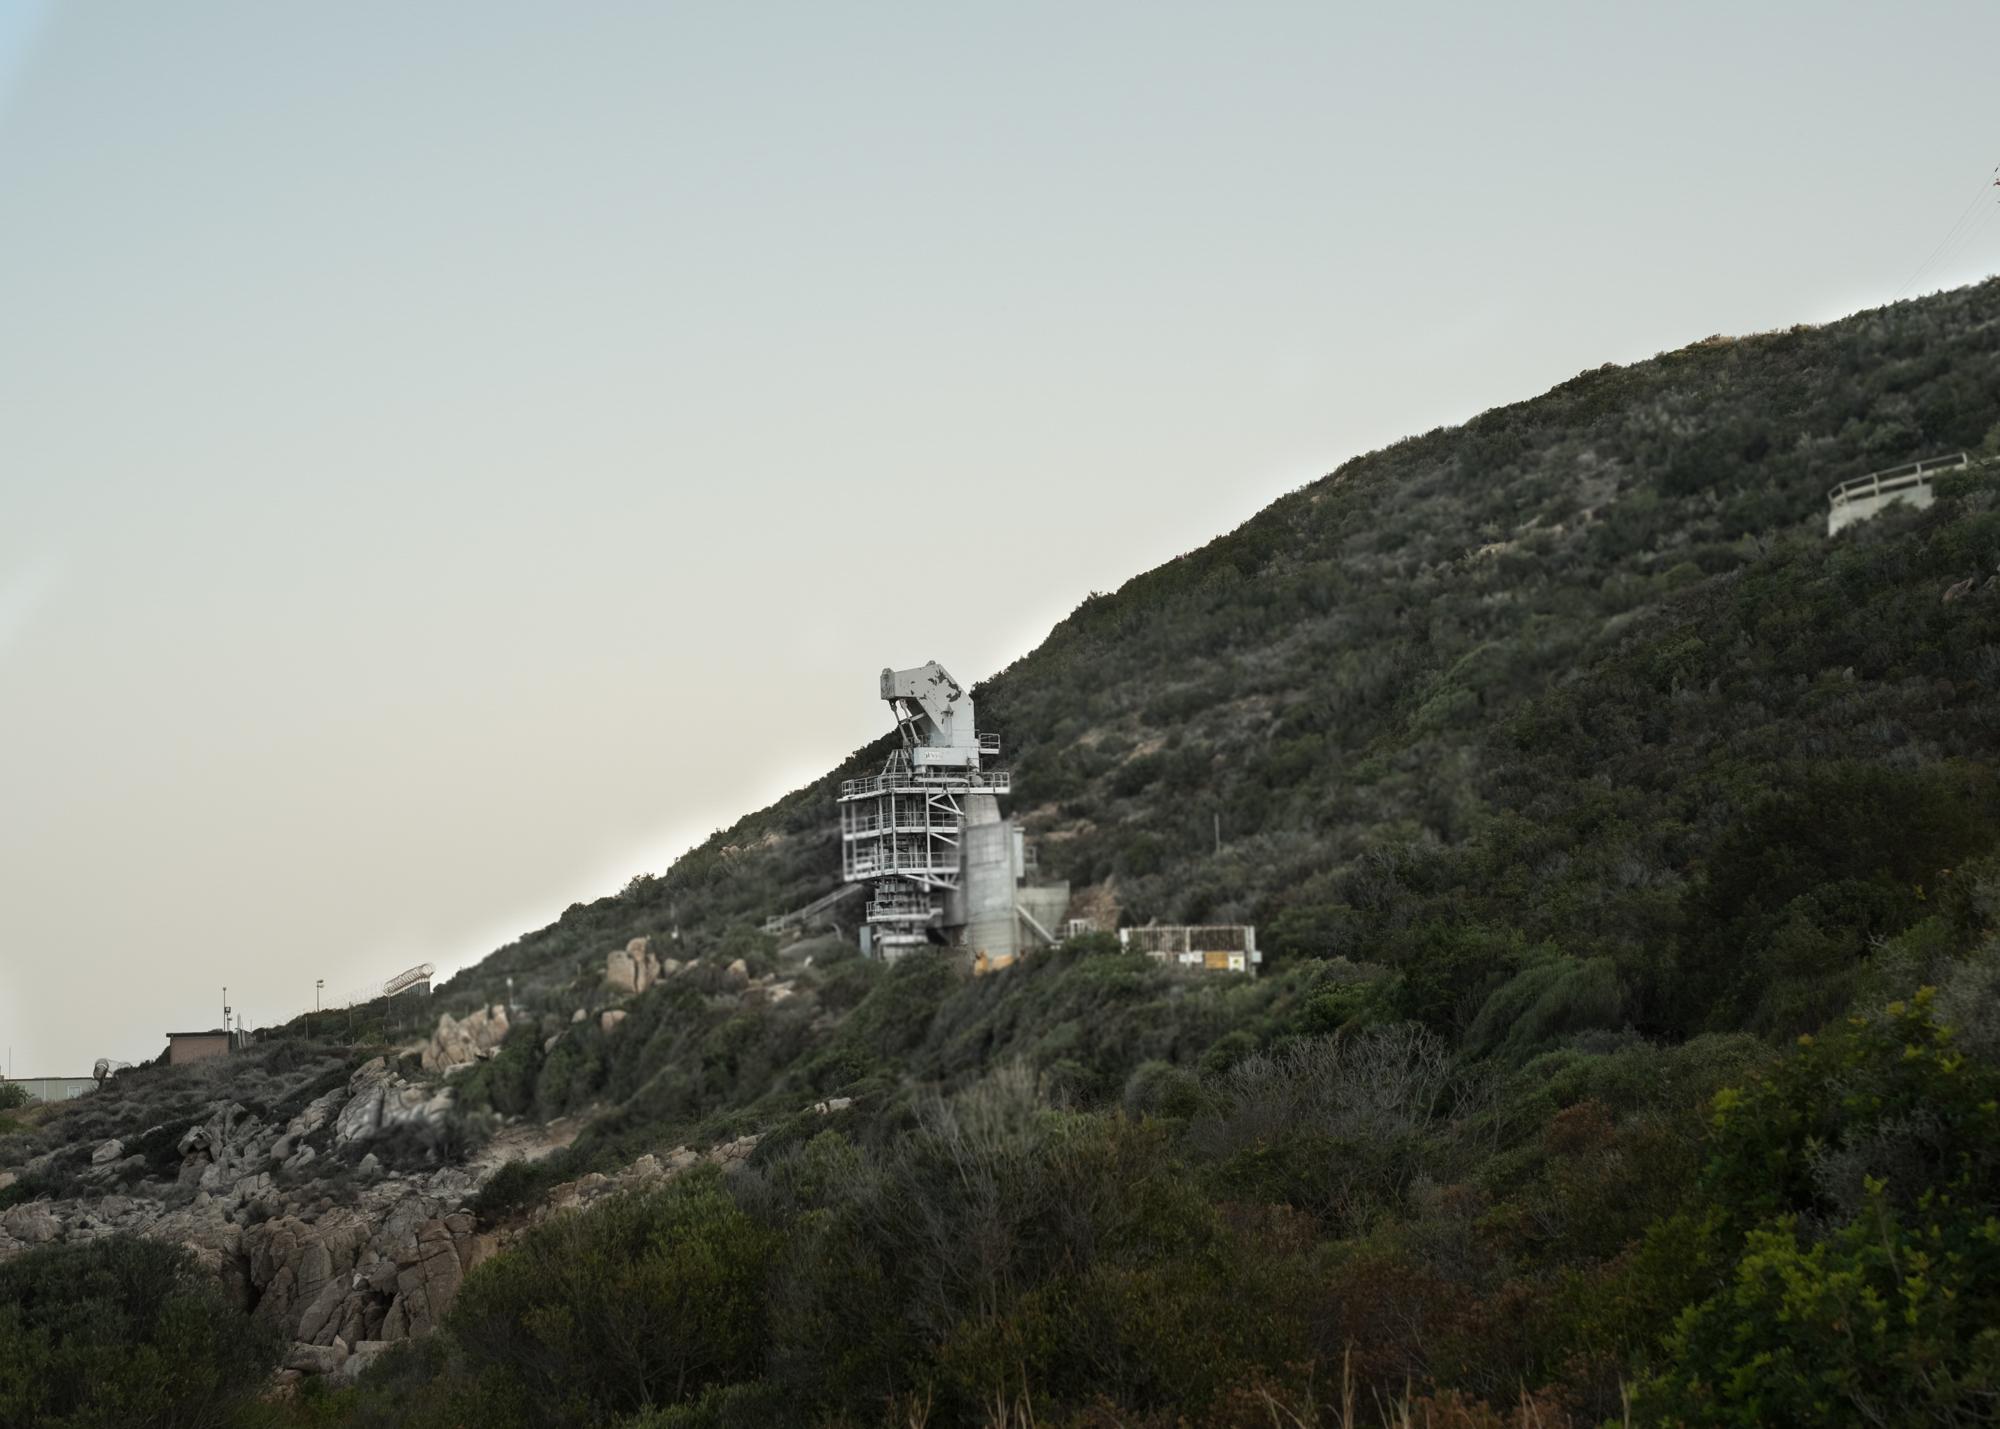 Rampa di lancio area H, comune di Arzana, Murtas, poligono a mare.